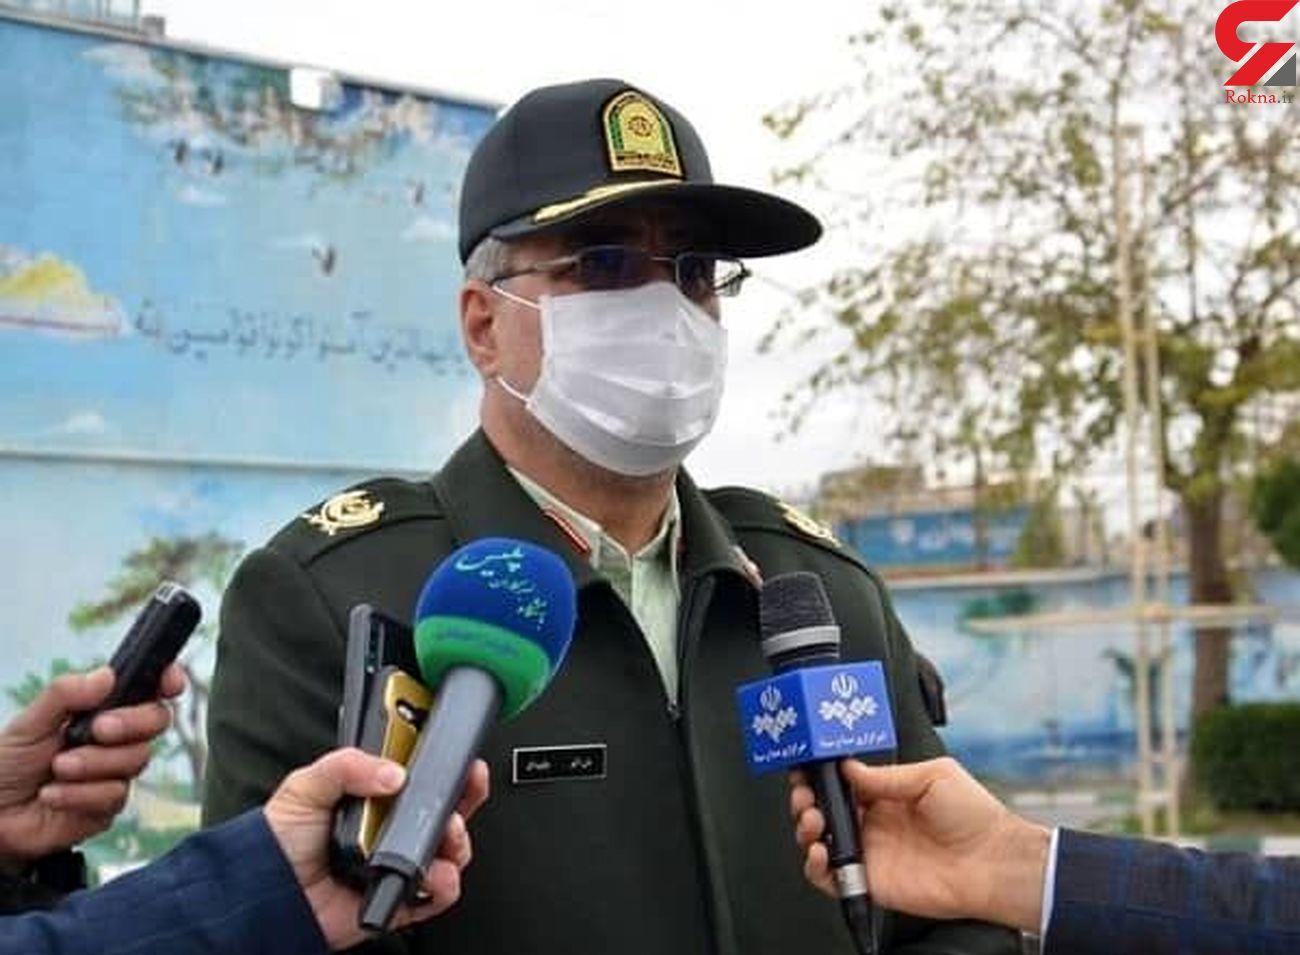 انهدام باند قاپ زنی در کرمانشاه و کشف ۱۵ میلیارد ریال اموال مسروقه